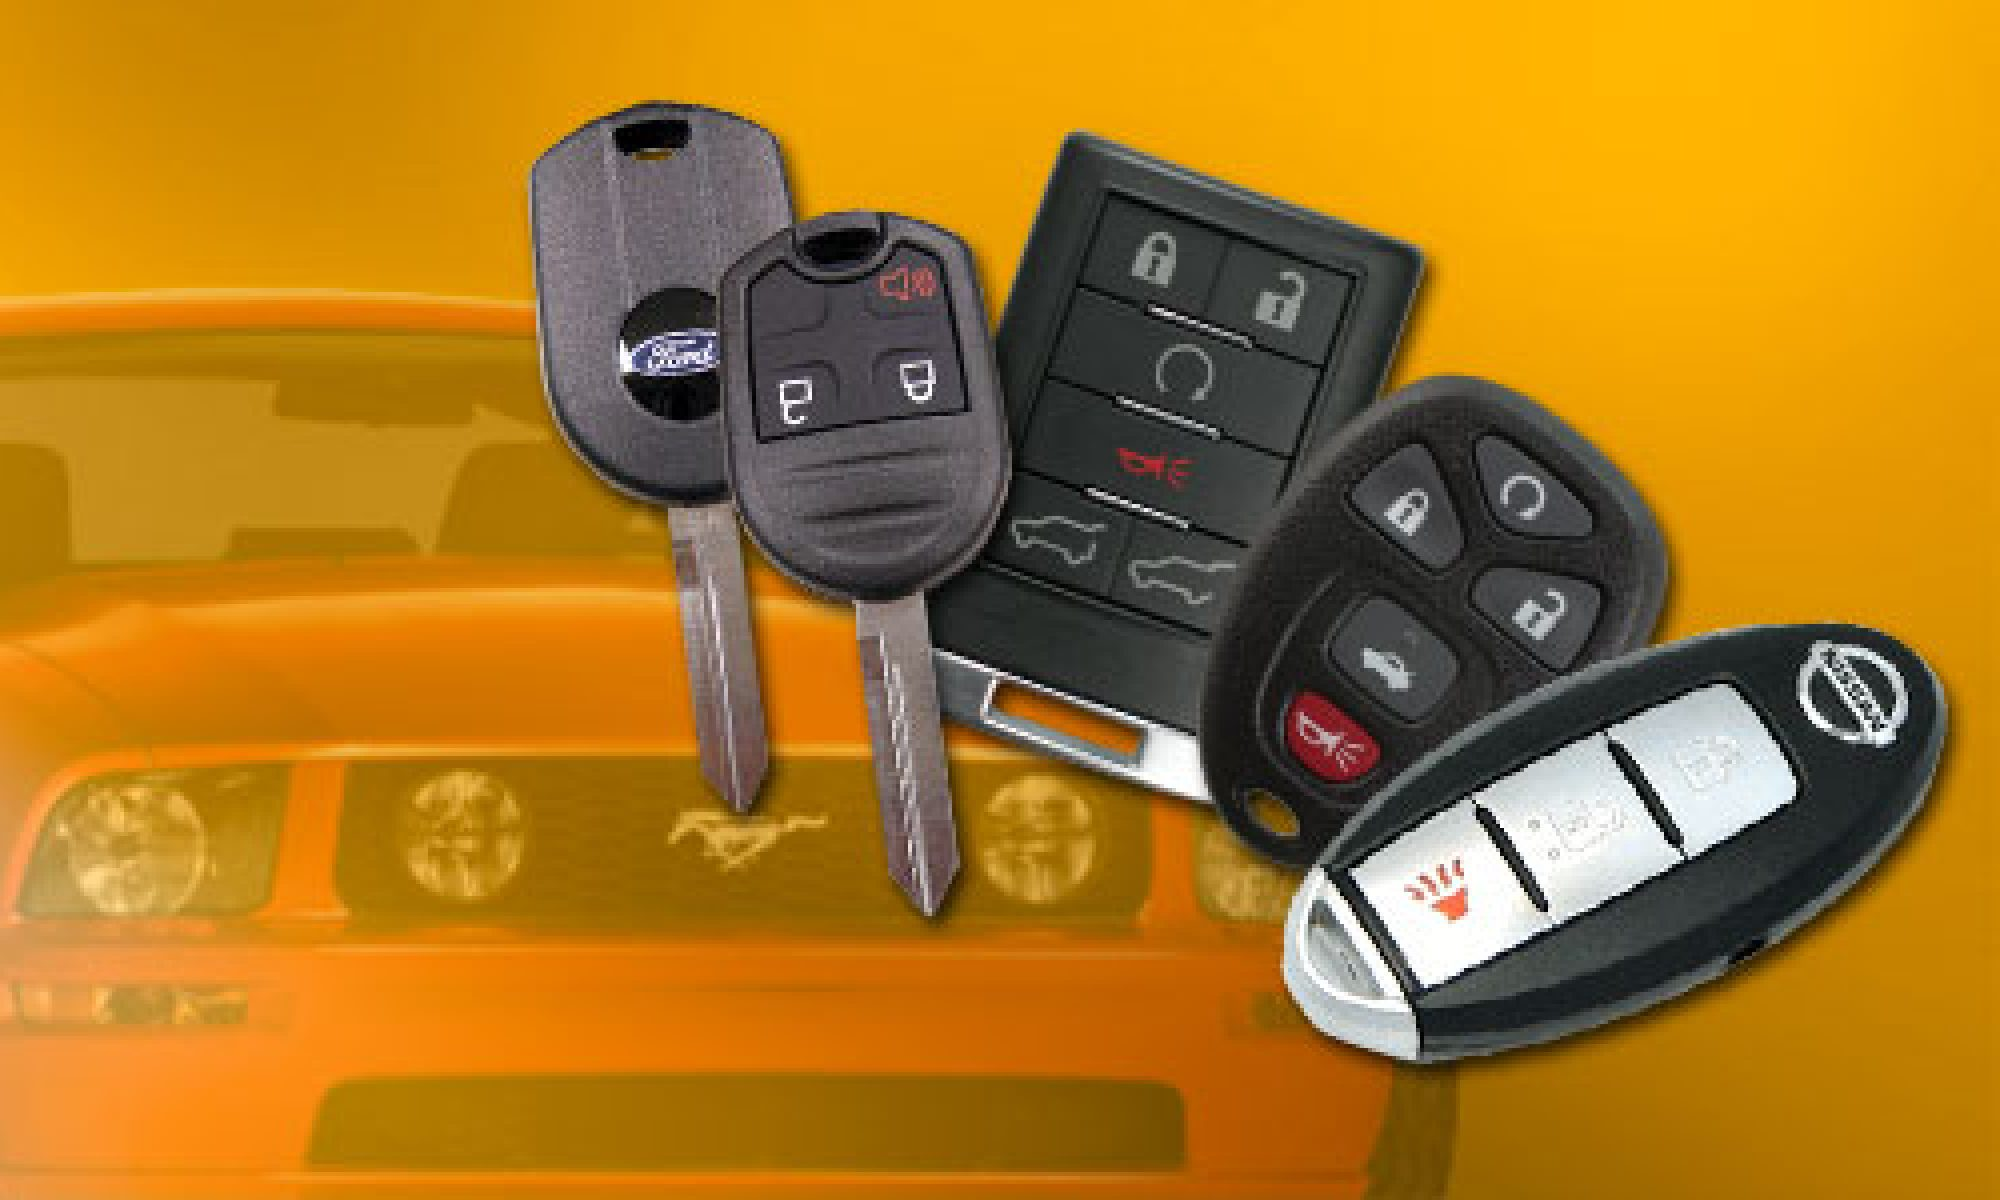 Transponder Keys and Remotres